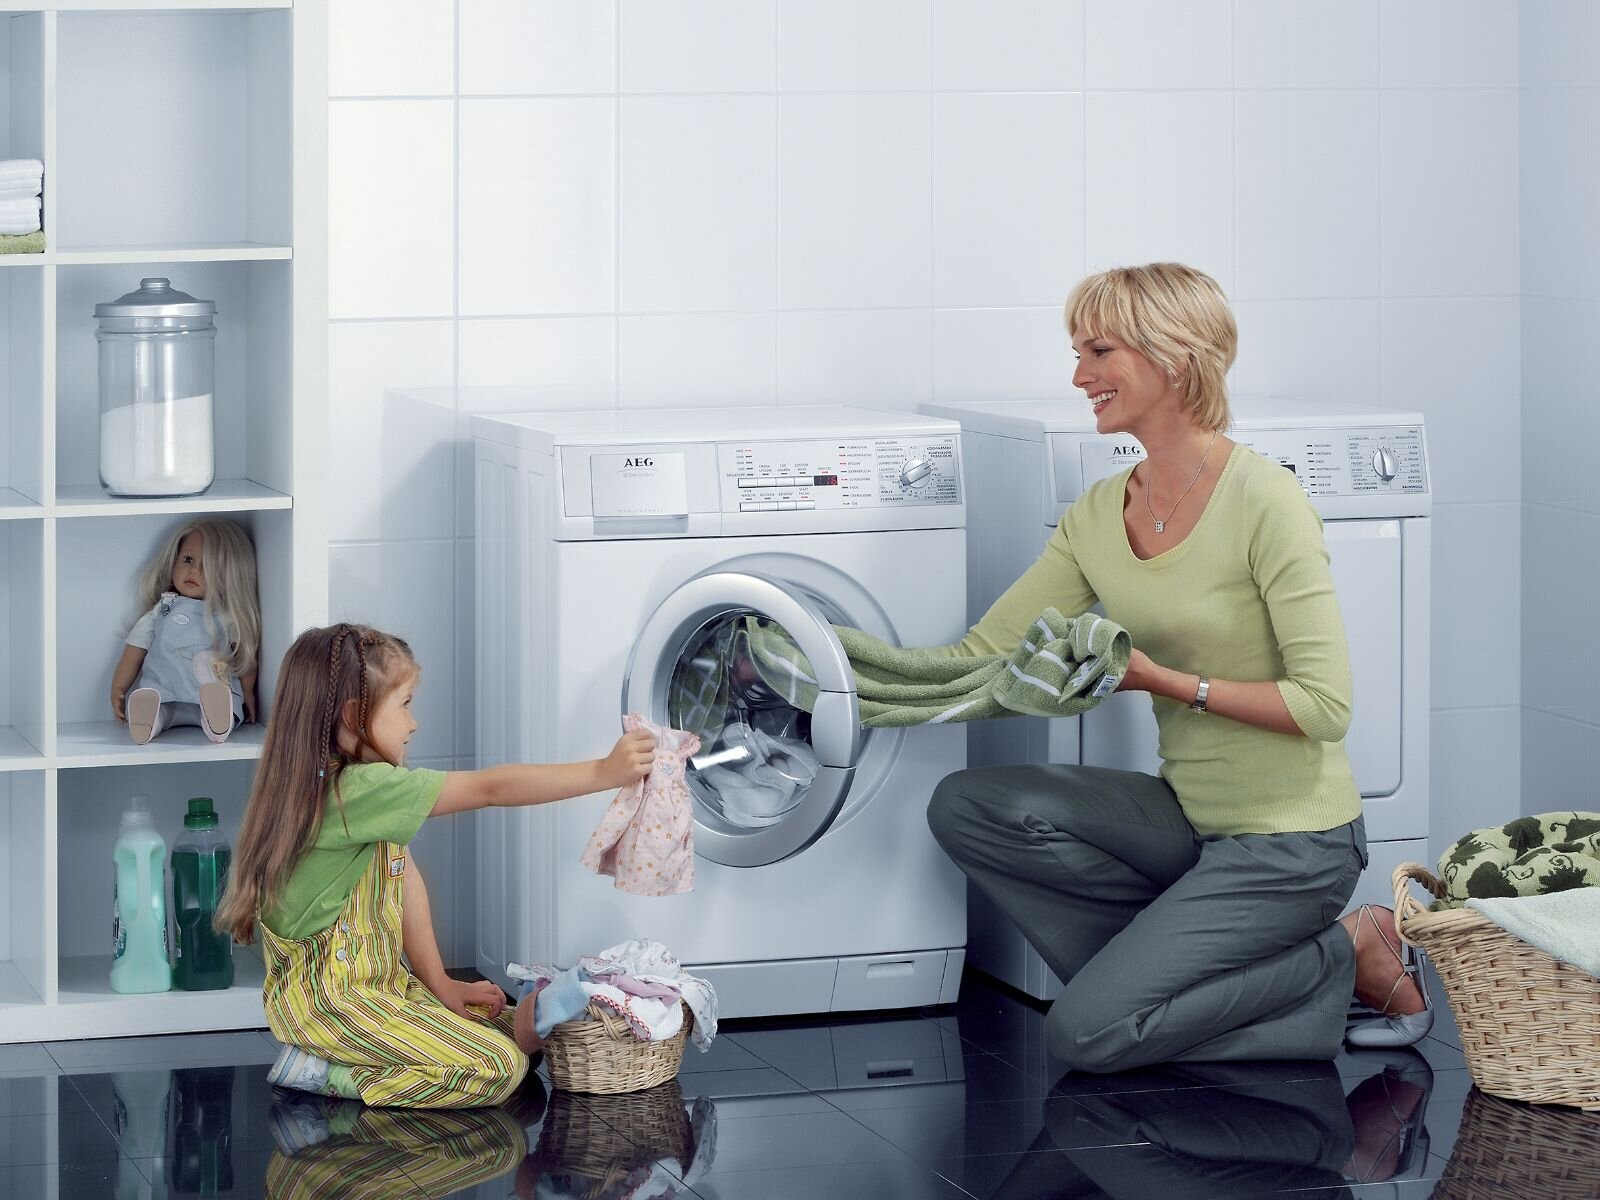 Khi đang trong chương trình giặt ngâm rất đơn giản, bạn chỉ cần chờ xong chương trình hoặc nhấn nút xả ngay trên máy để xả nước